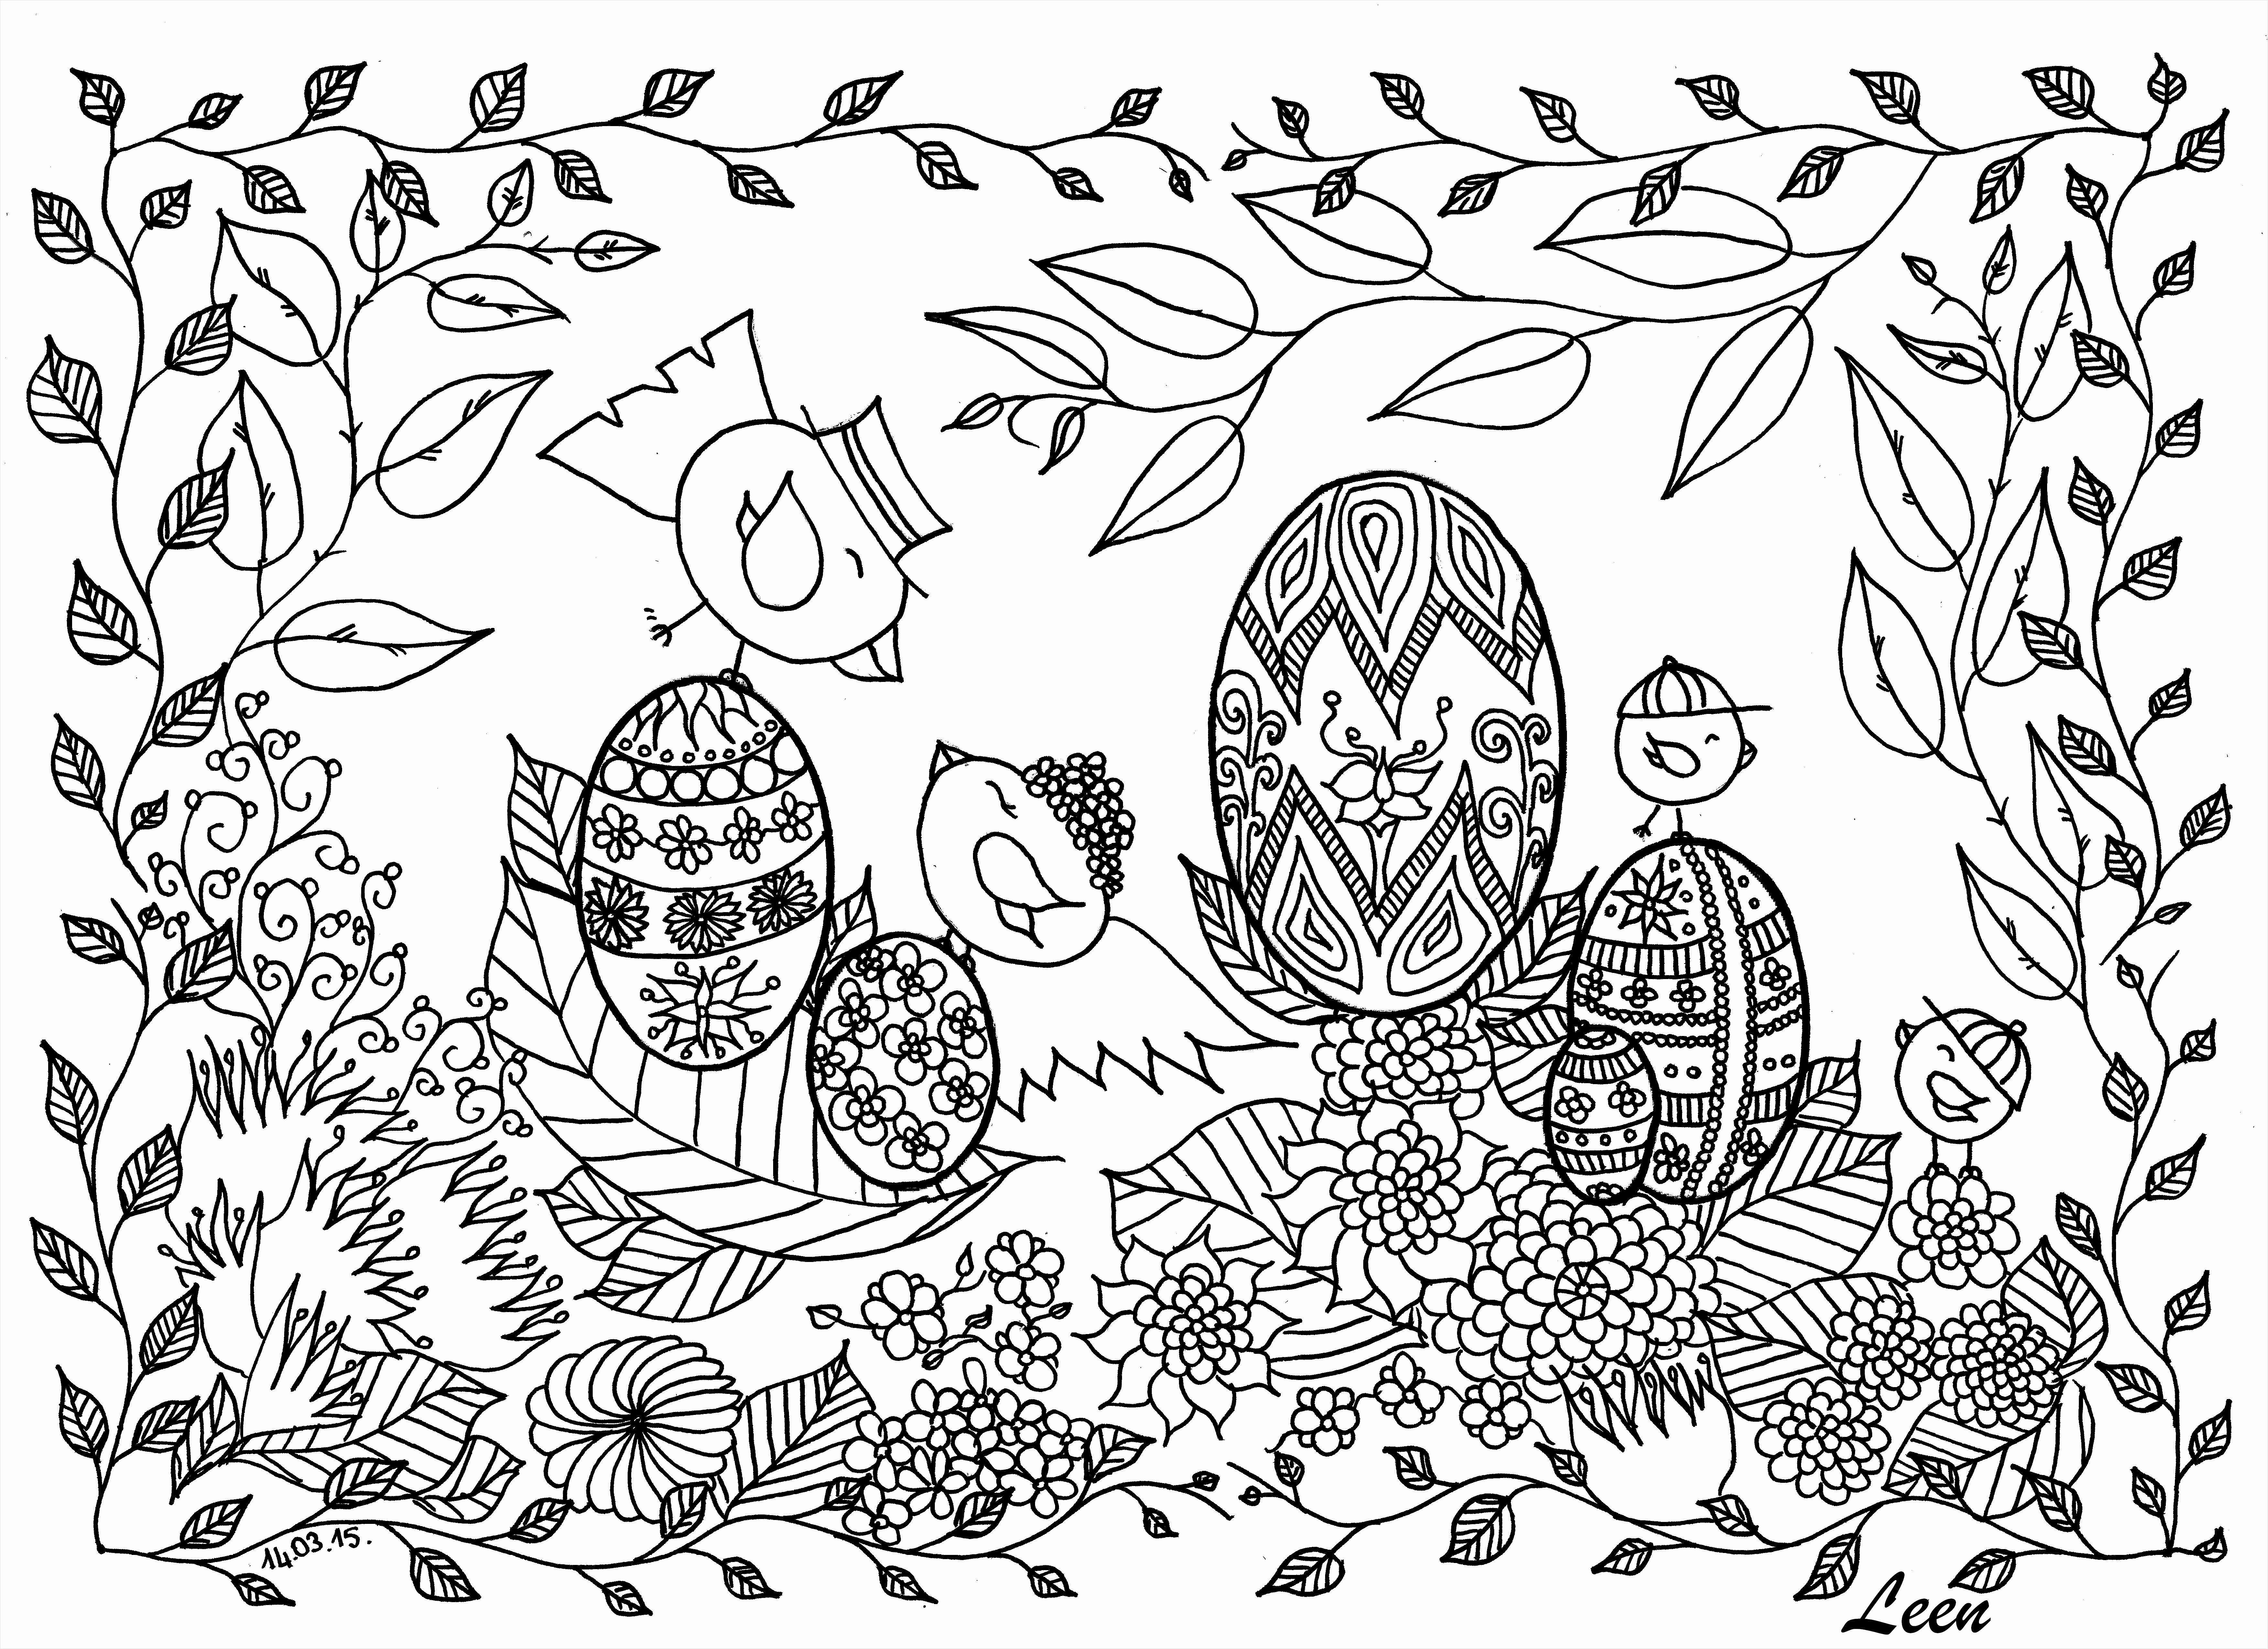 Minions Bilder Zum Ausdrucken Neu Minion Coloring Pages Awesome Graphy 40 Ausmalbilder Zum Fotografieren